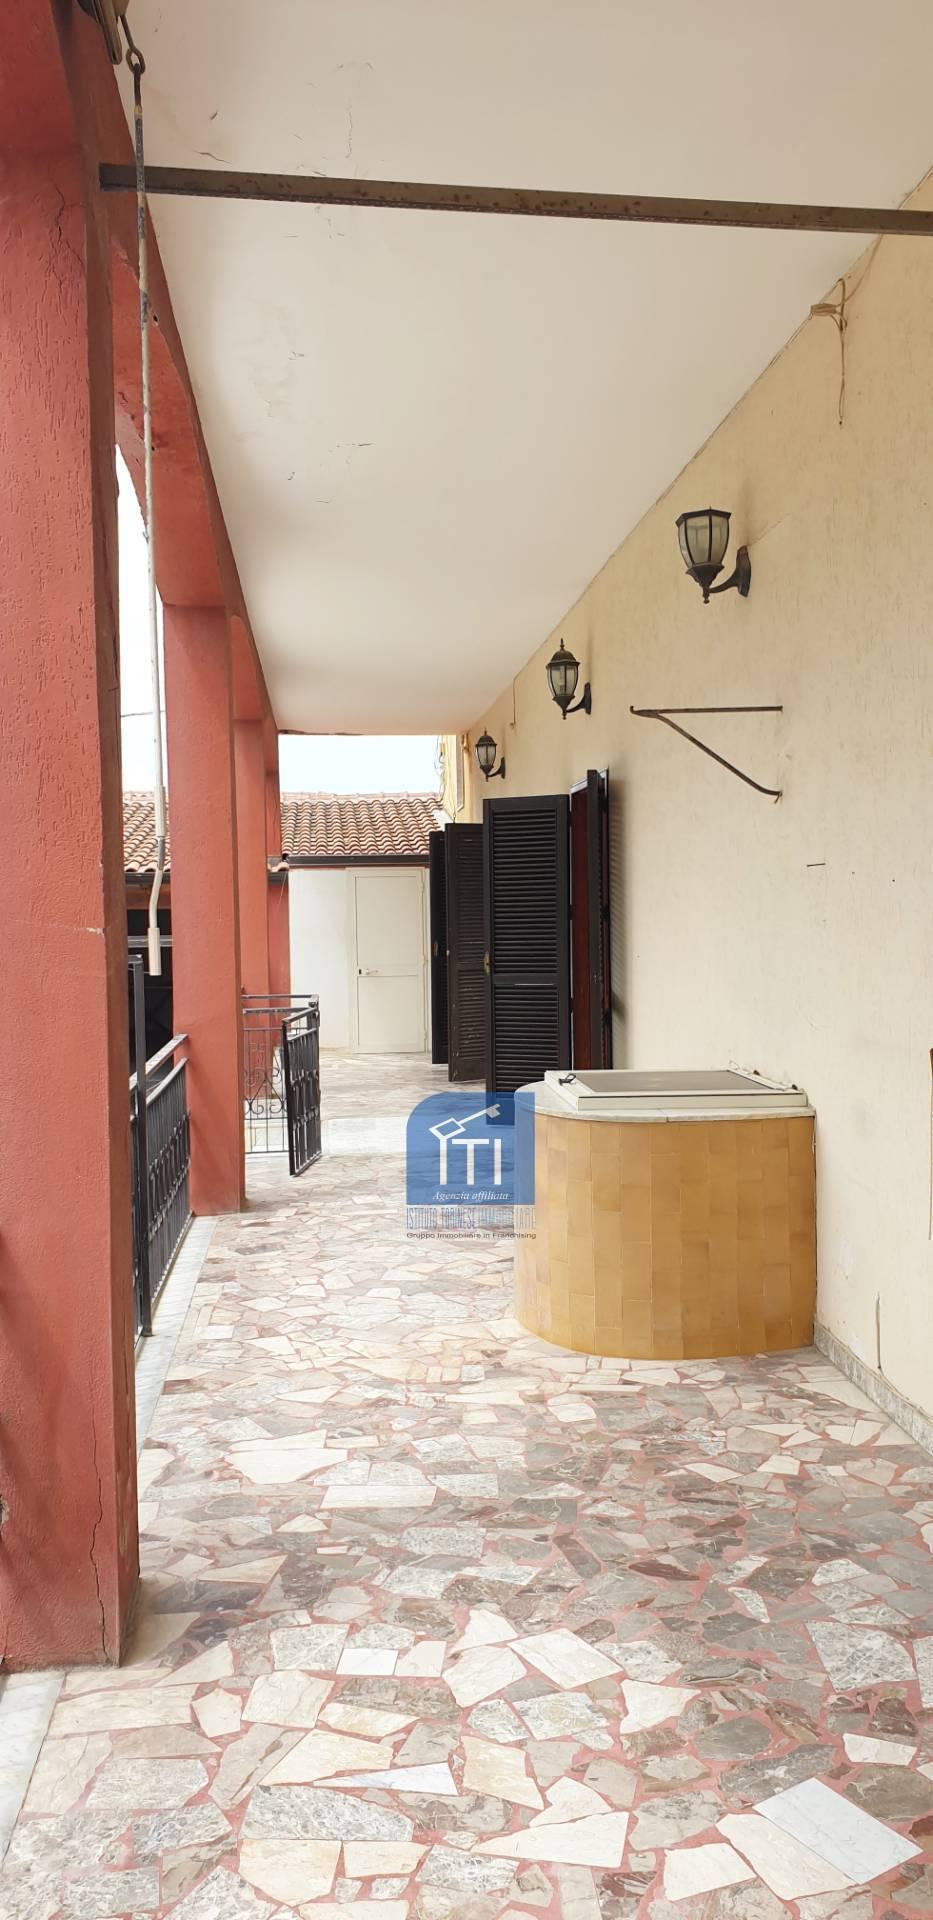 Appartamento in vendita a Qualiano, 3 locali, prezzo € 105.000   PortaleAgenzieImmobiliari.it